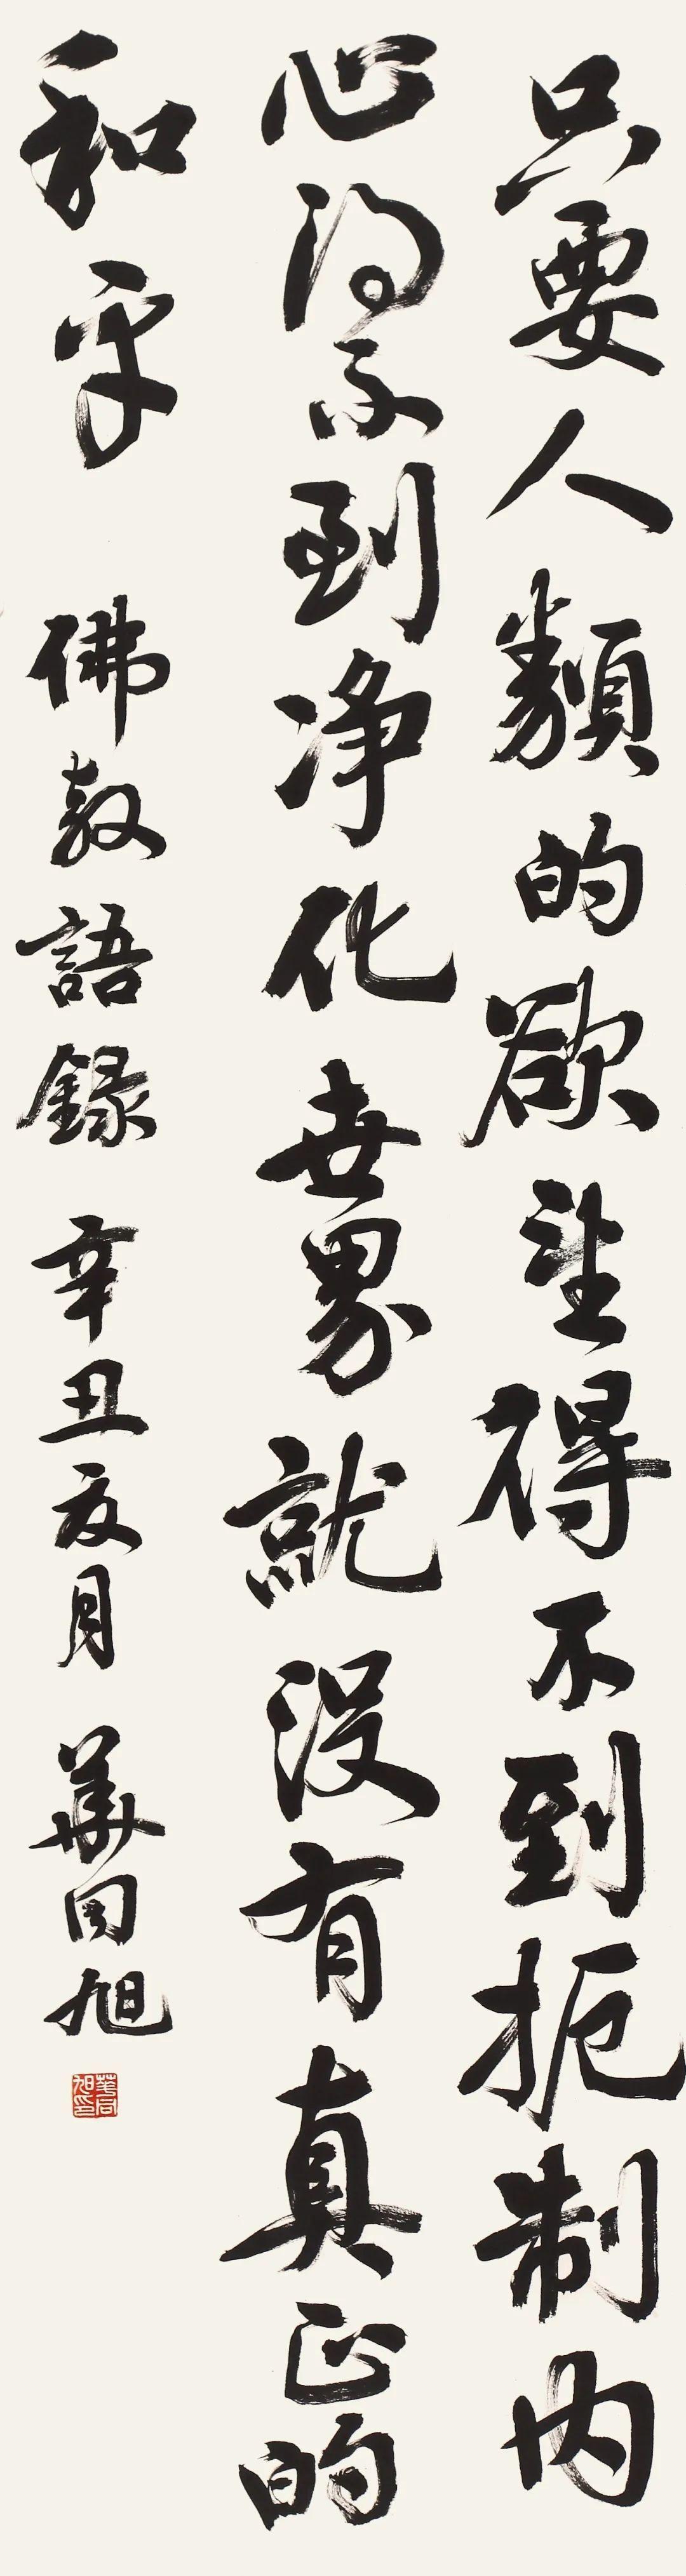 中国书法家协会会员、广州市书法家协会顾问华同旭